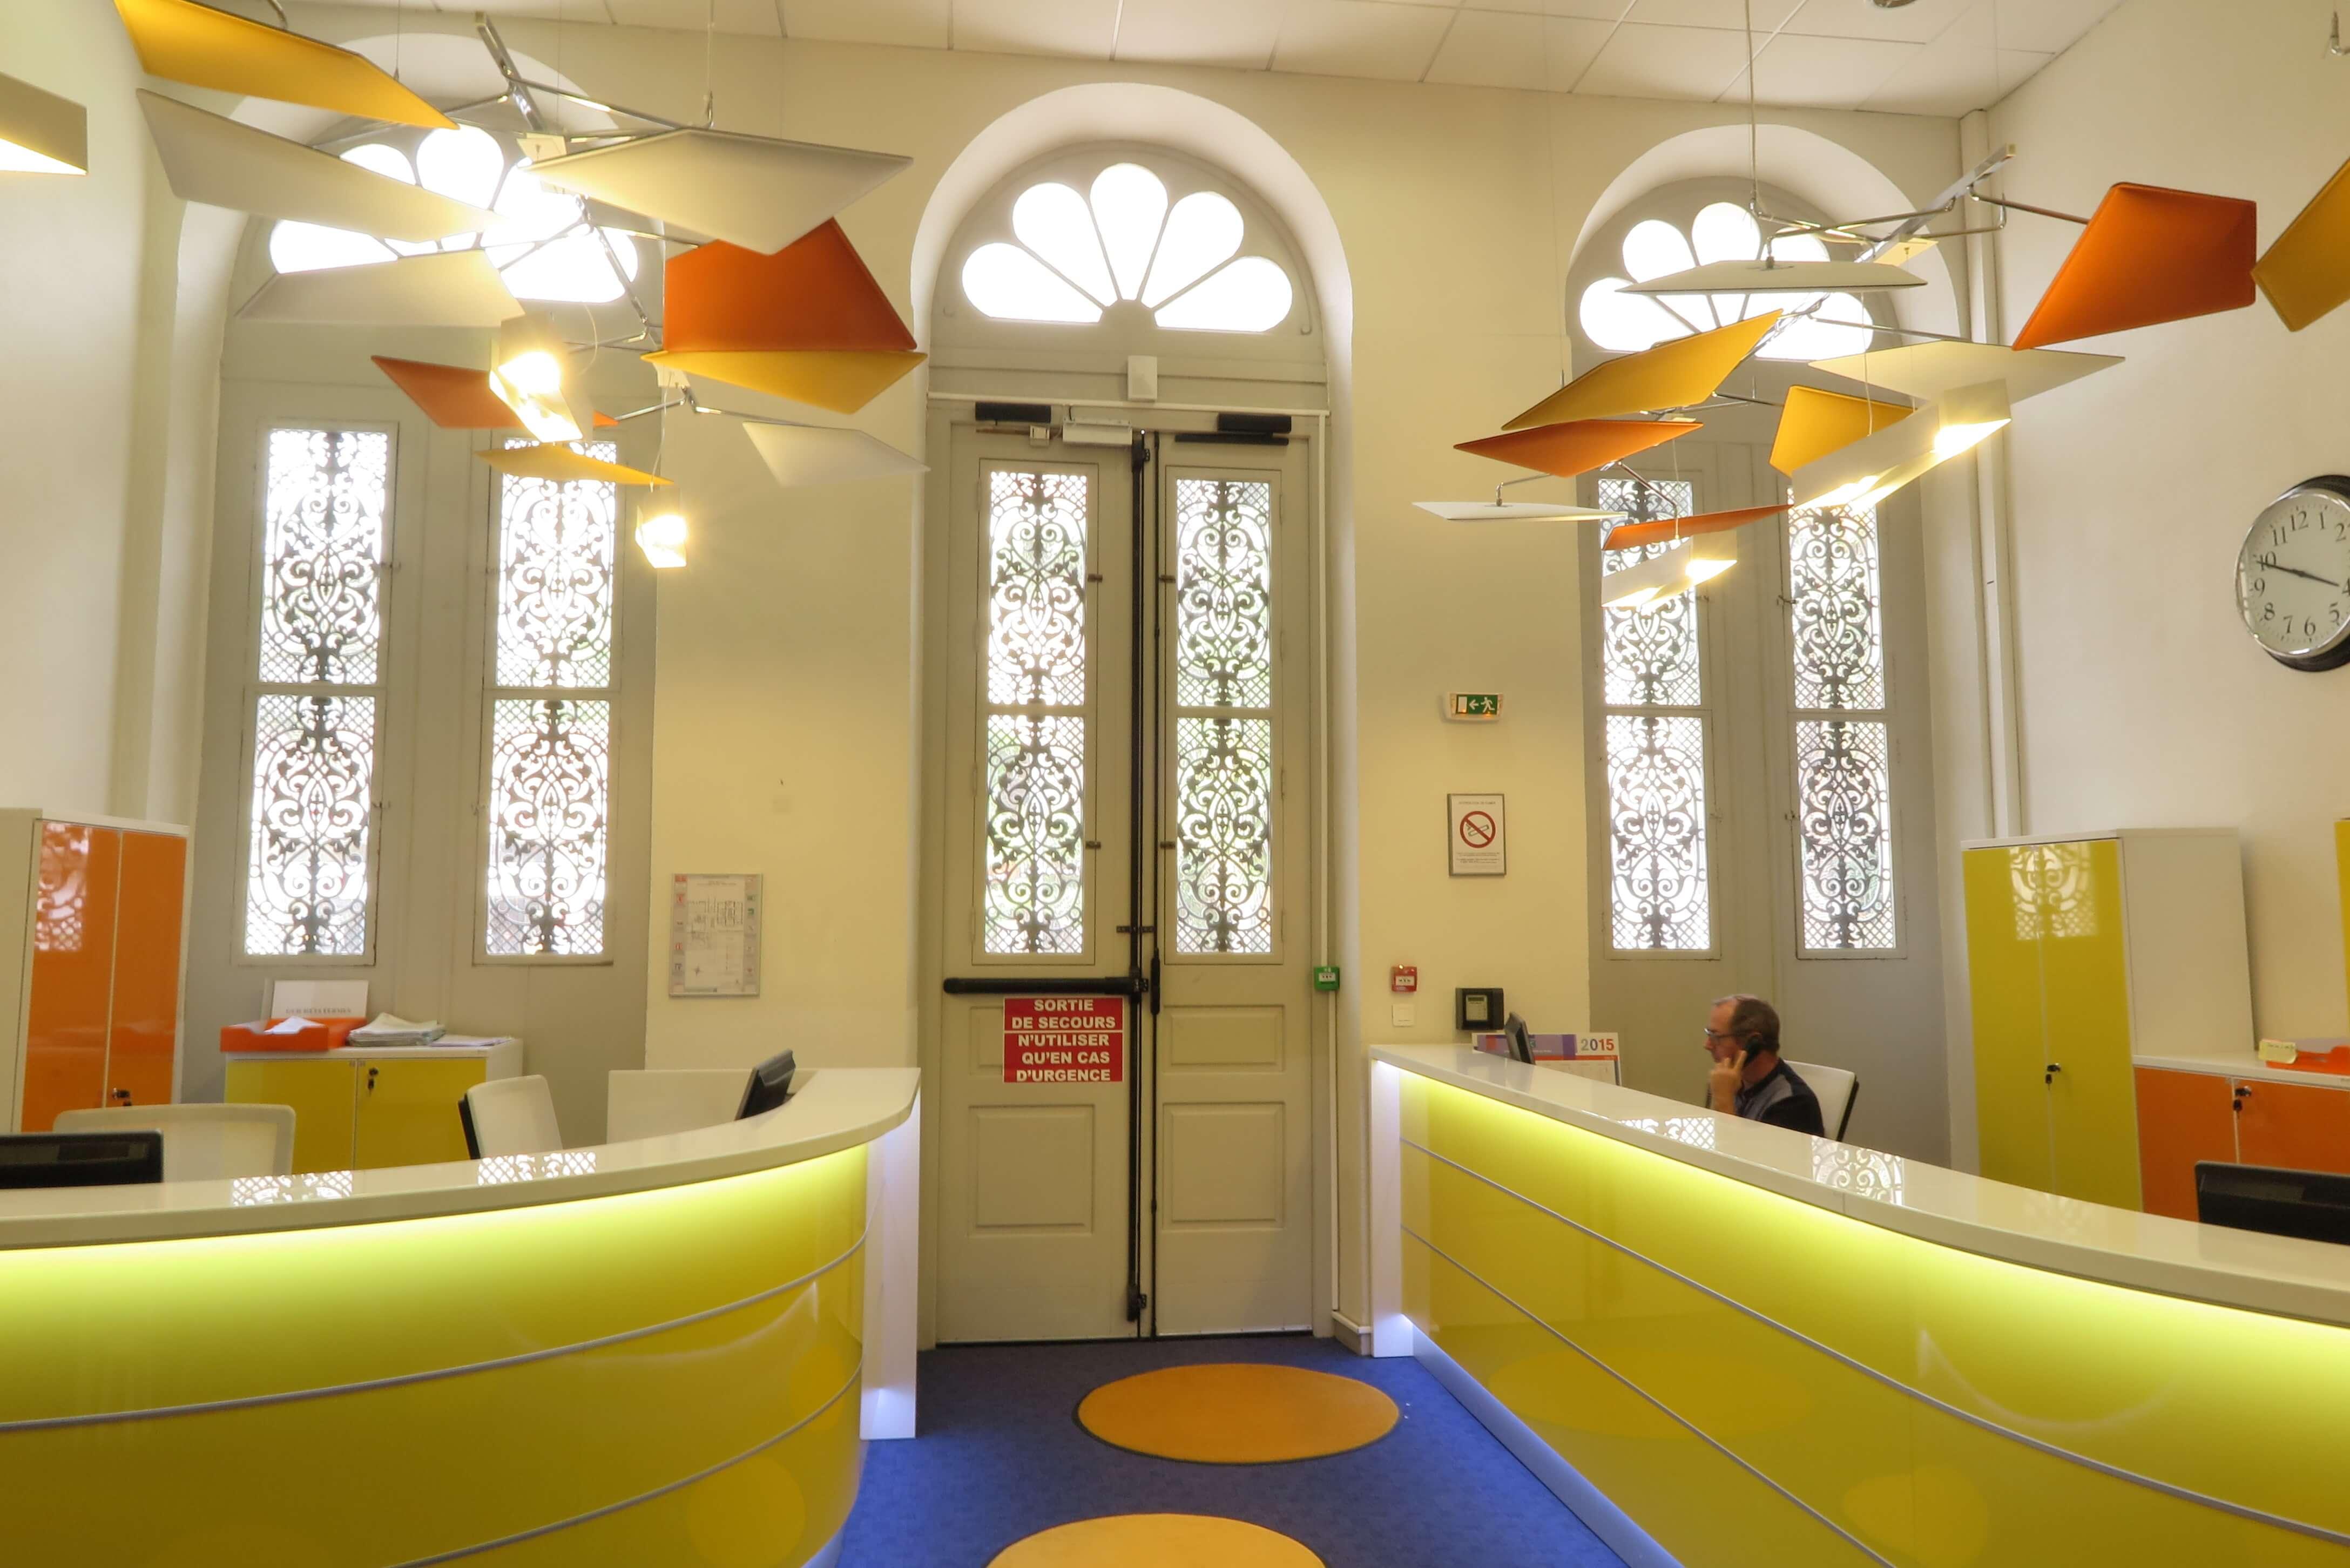 Mairie de Hyères - Réalisations - Imagine - Space planning - PACA